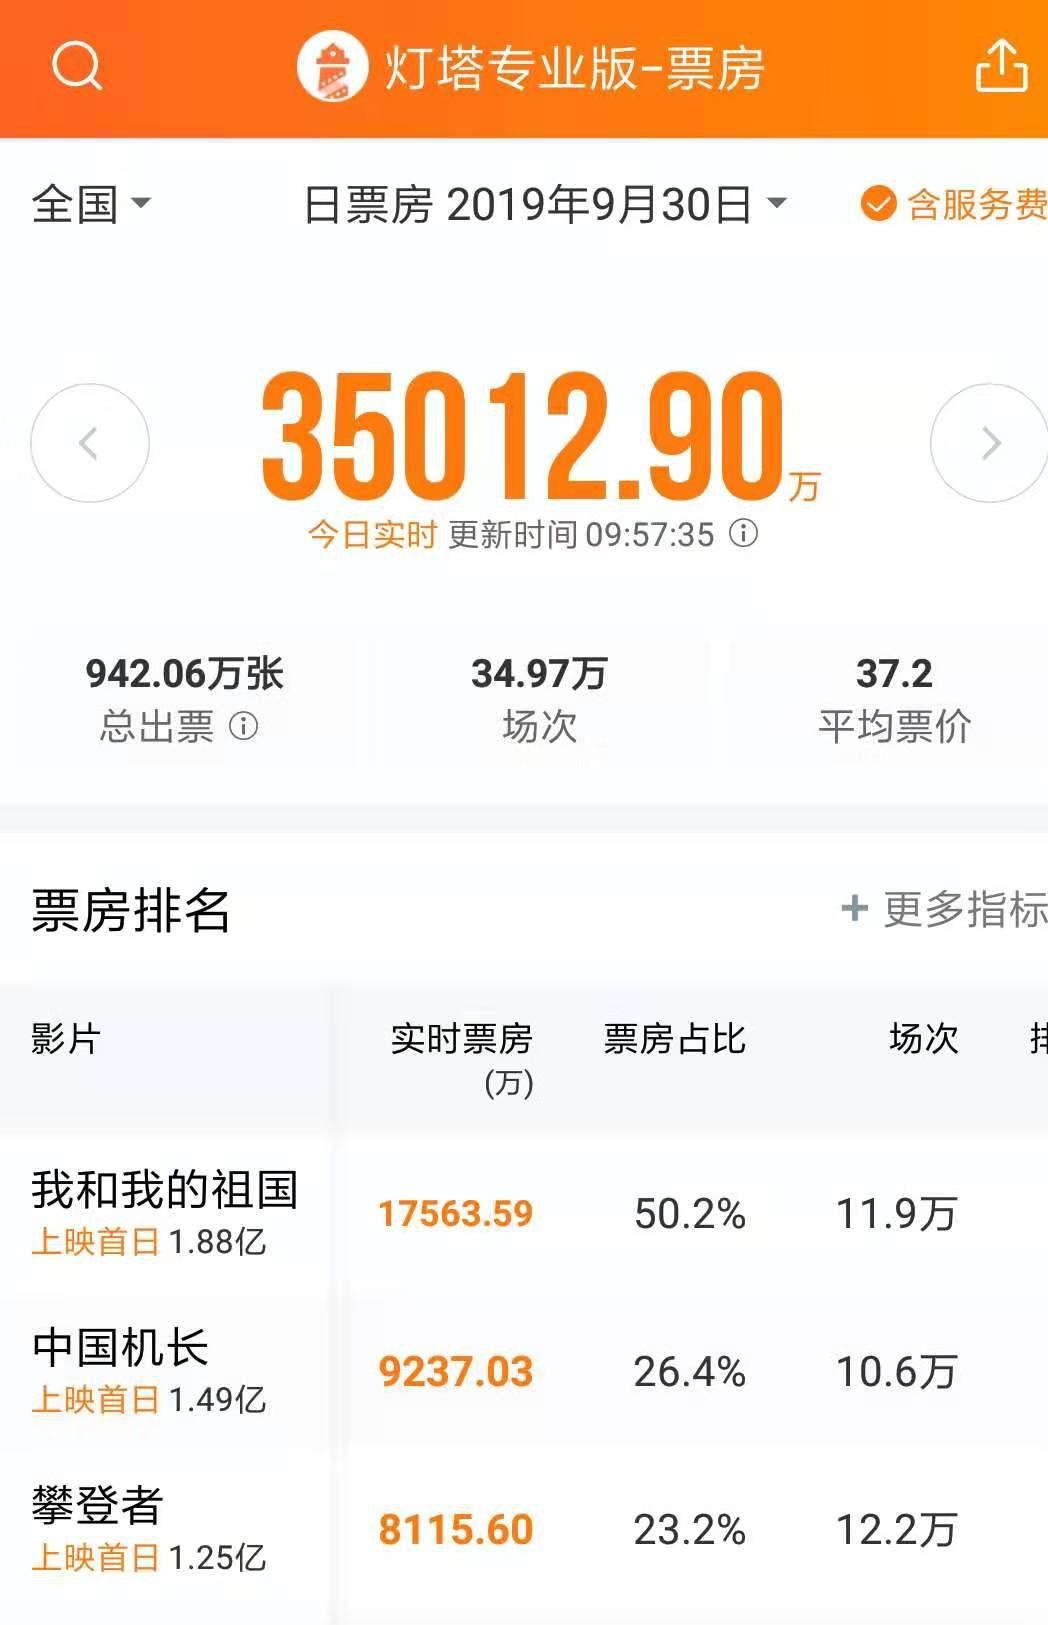 江淮汽车1.7亿罚单令业绩承压 产品缺少核心竞争力